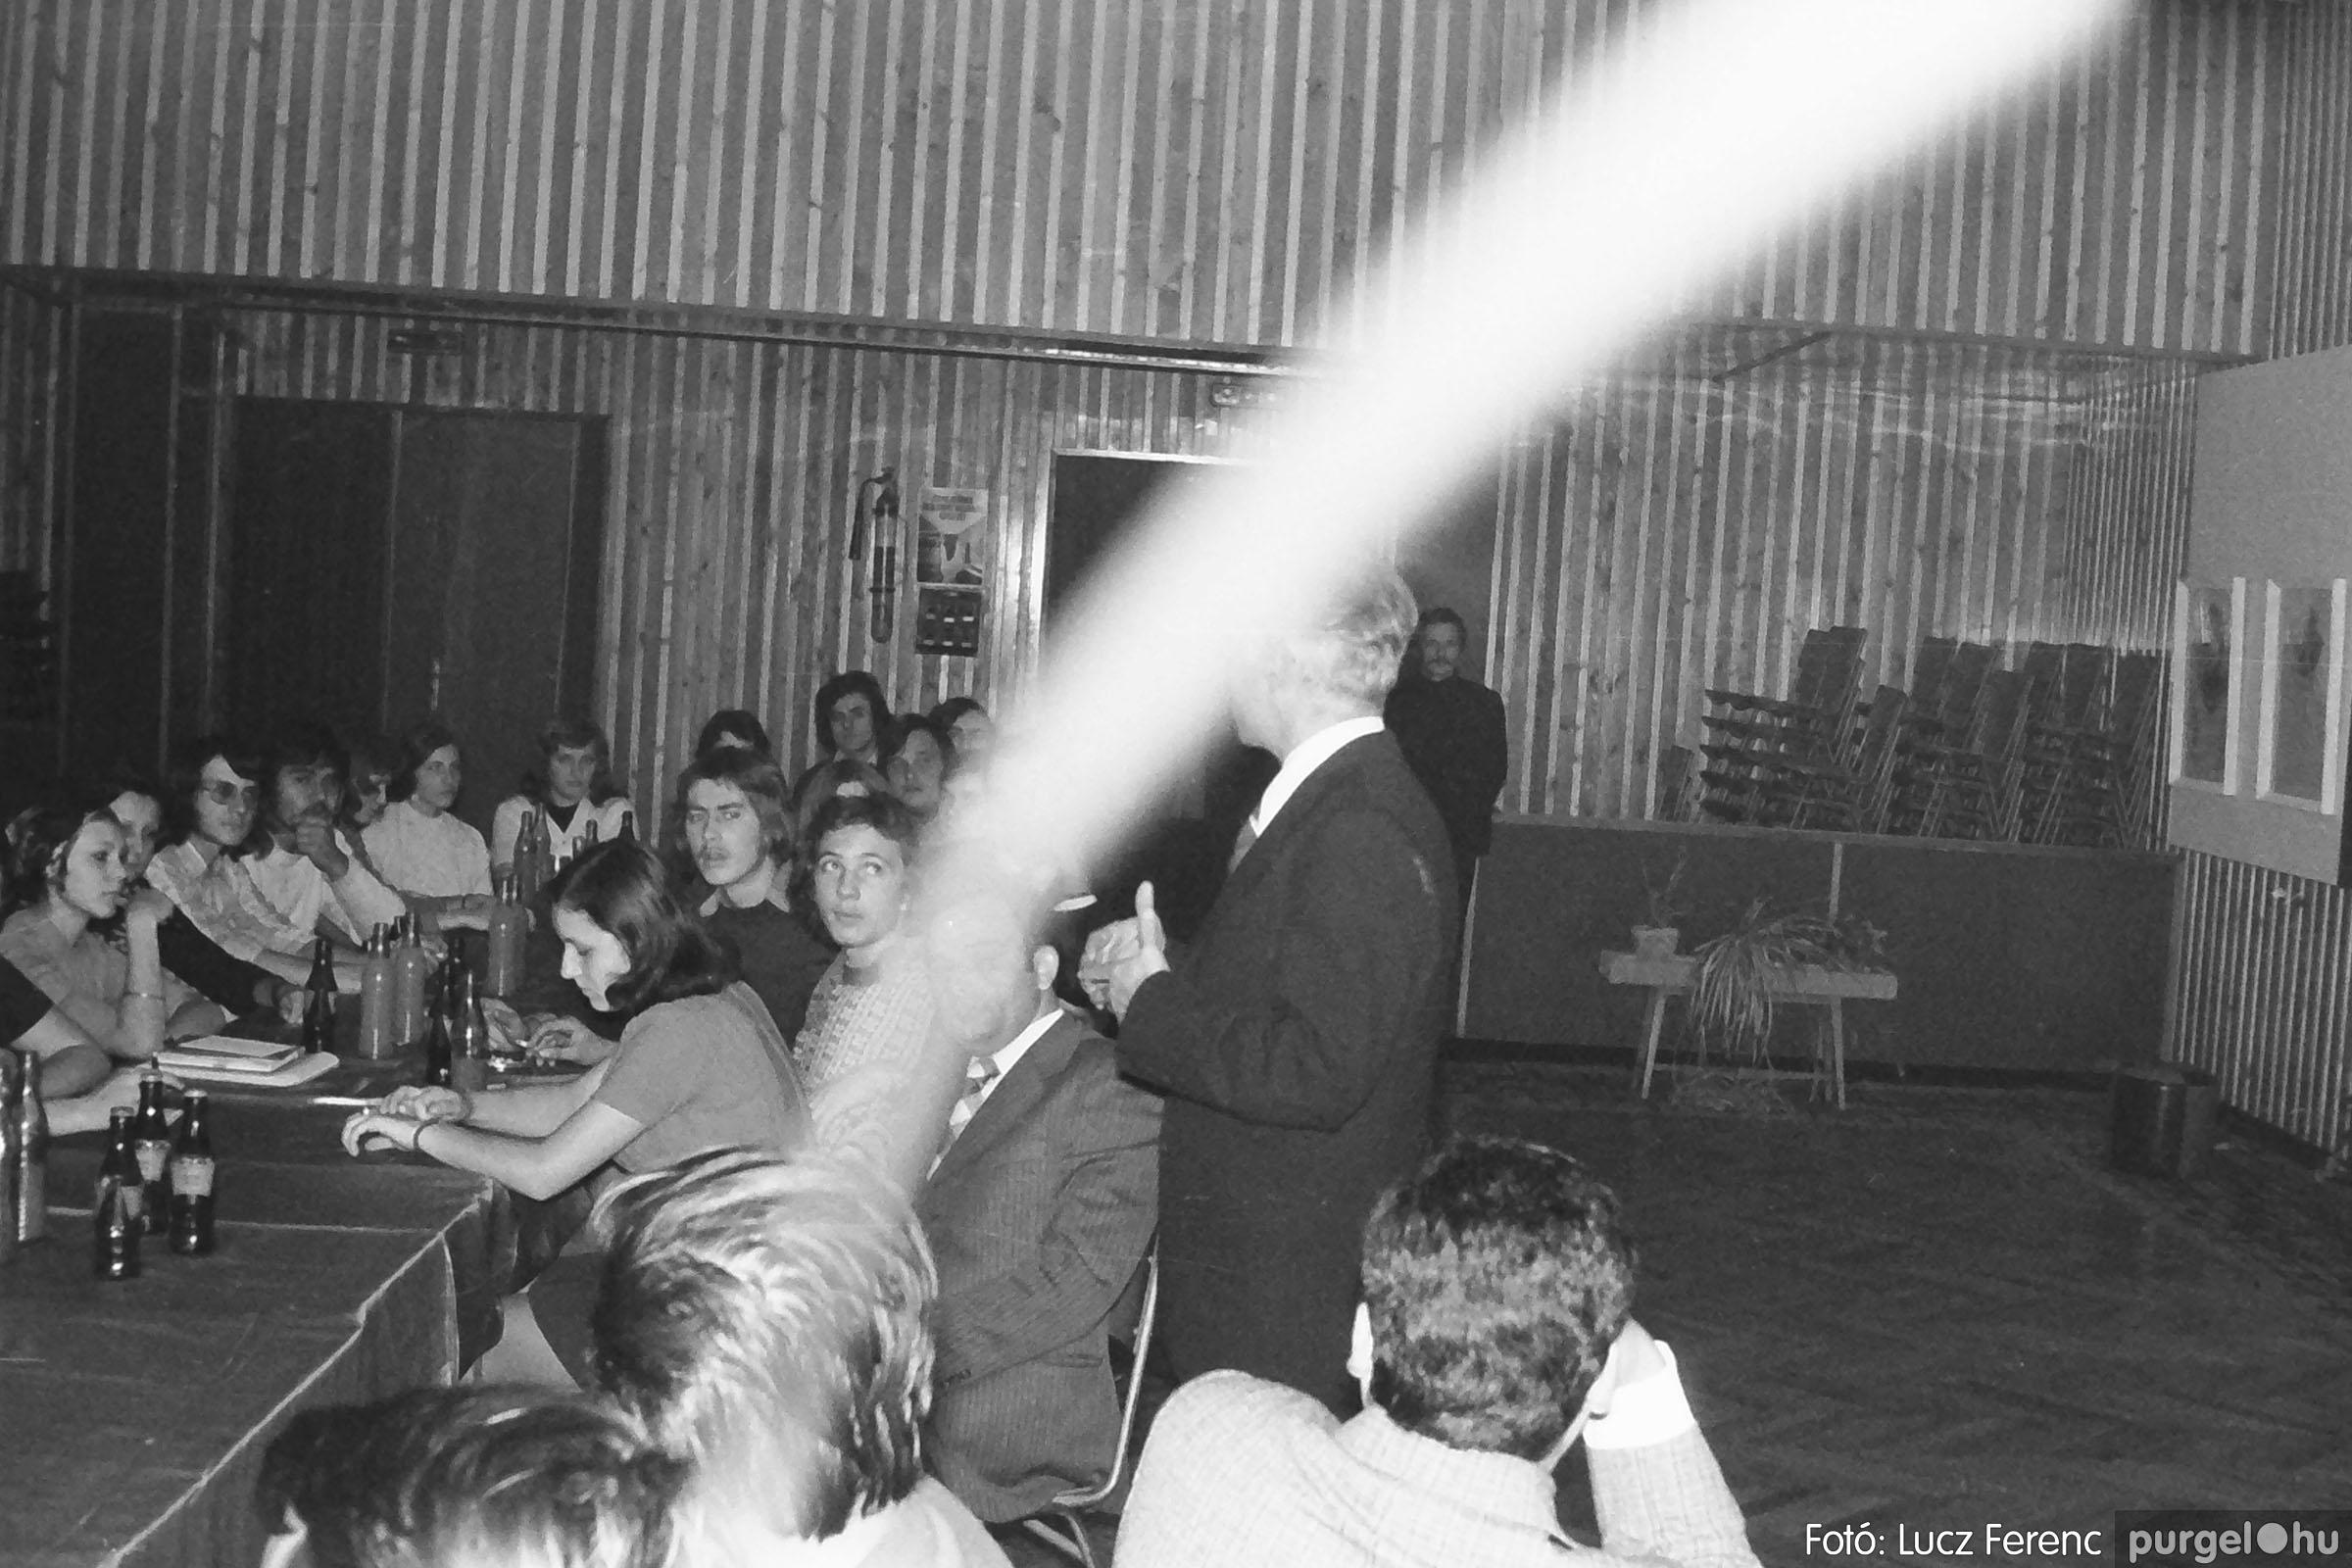 024 1975.10. Németh József és Szalay Ferenc festőművészek kiállítása 024 - Fotó: Lucz Ferenc IMG00225q.jpg